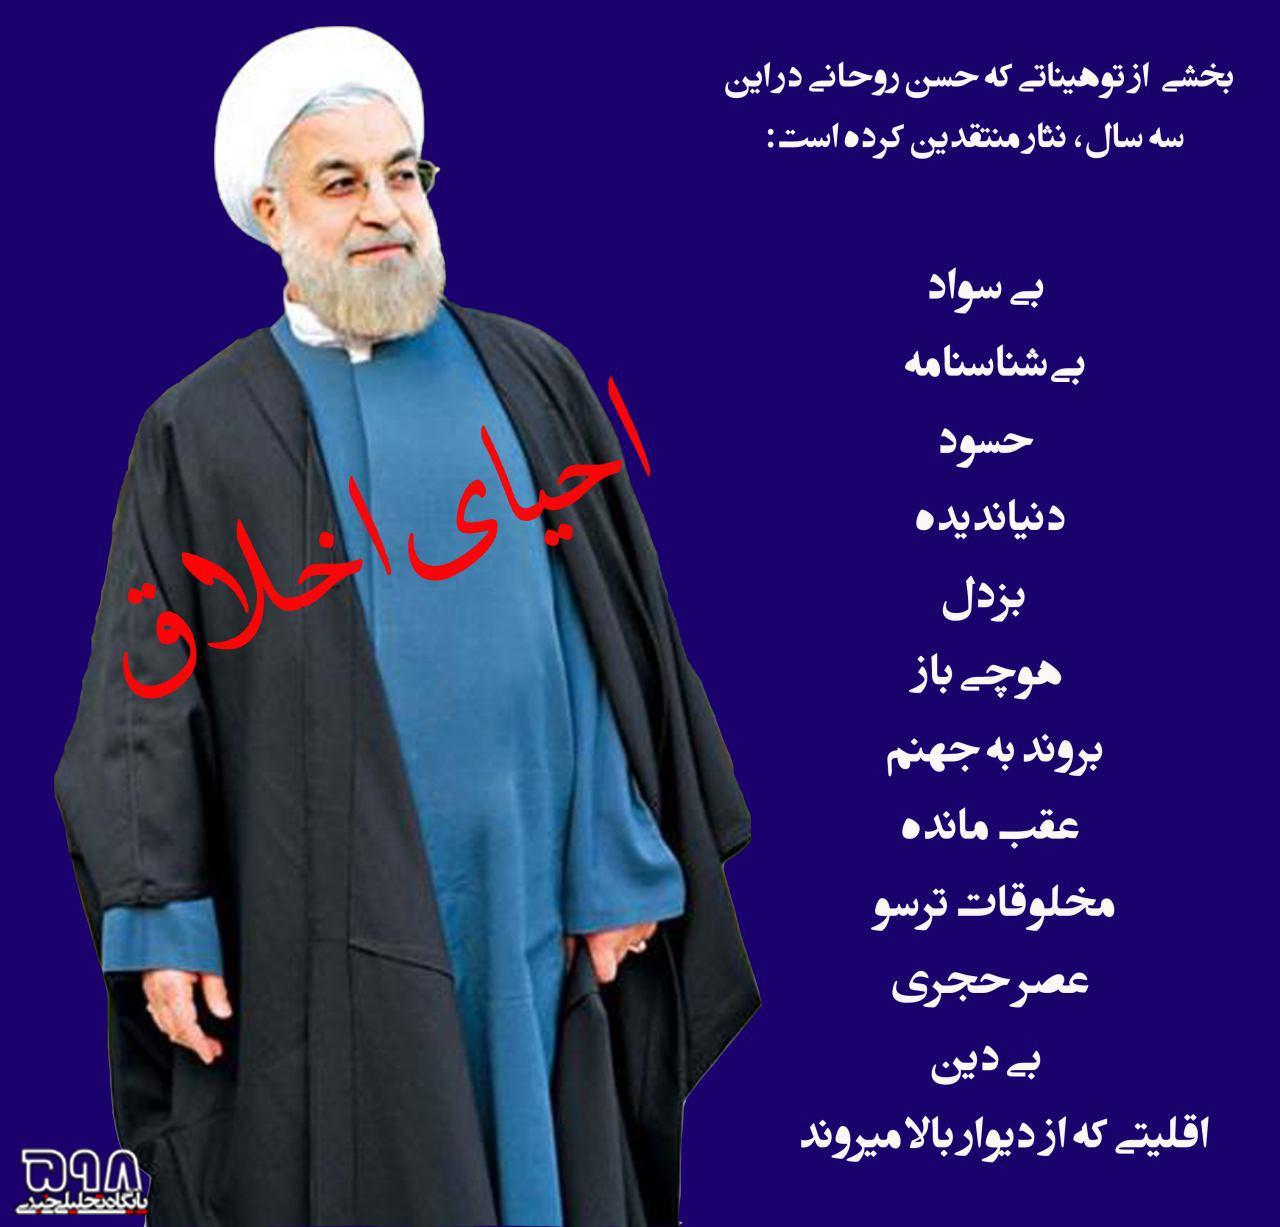 نتیجه تصویری برای وعده های حسن روحانیگ